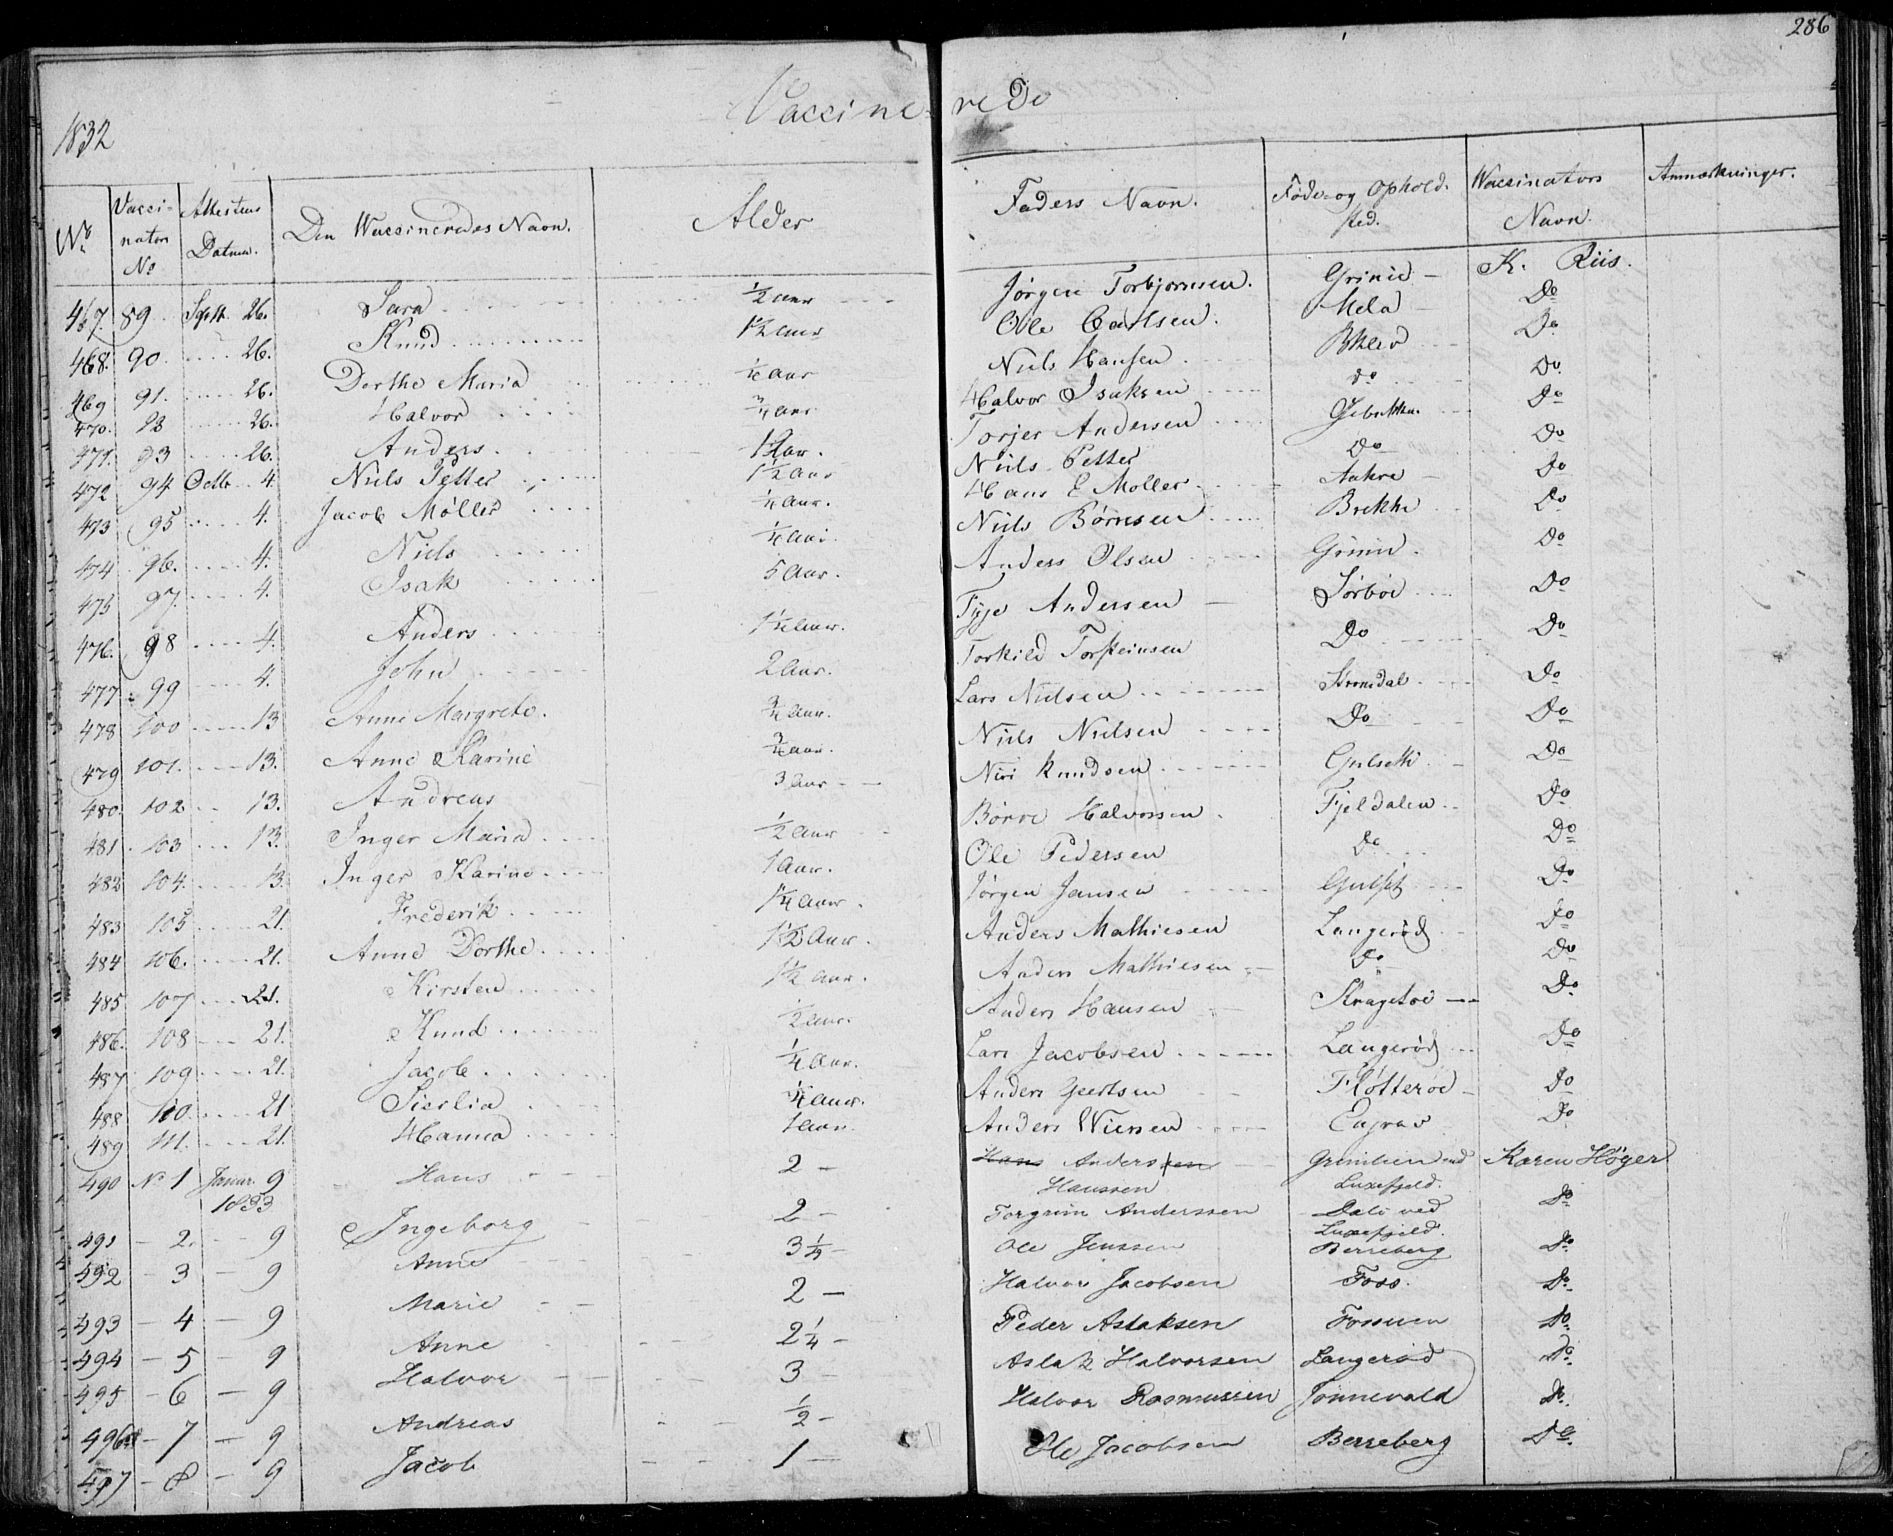 SAKO, Gjerpen kirkebøker, F/Fa/L0006: Ministerialbok nr. 6, 1829-1834, s. 286